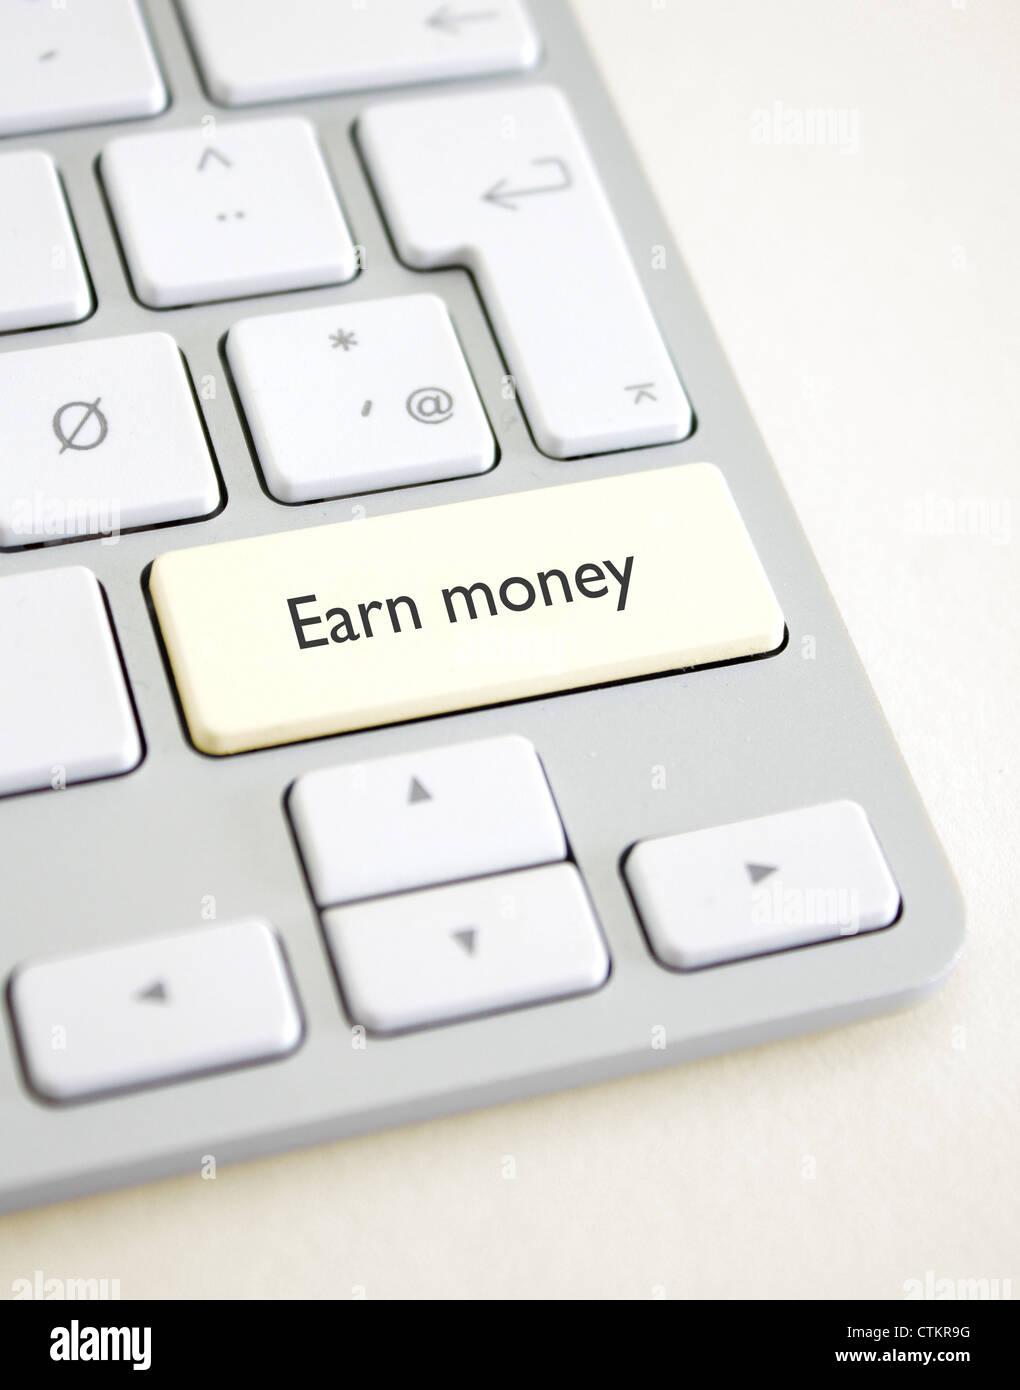 Earn money - Stock Image